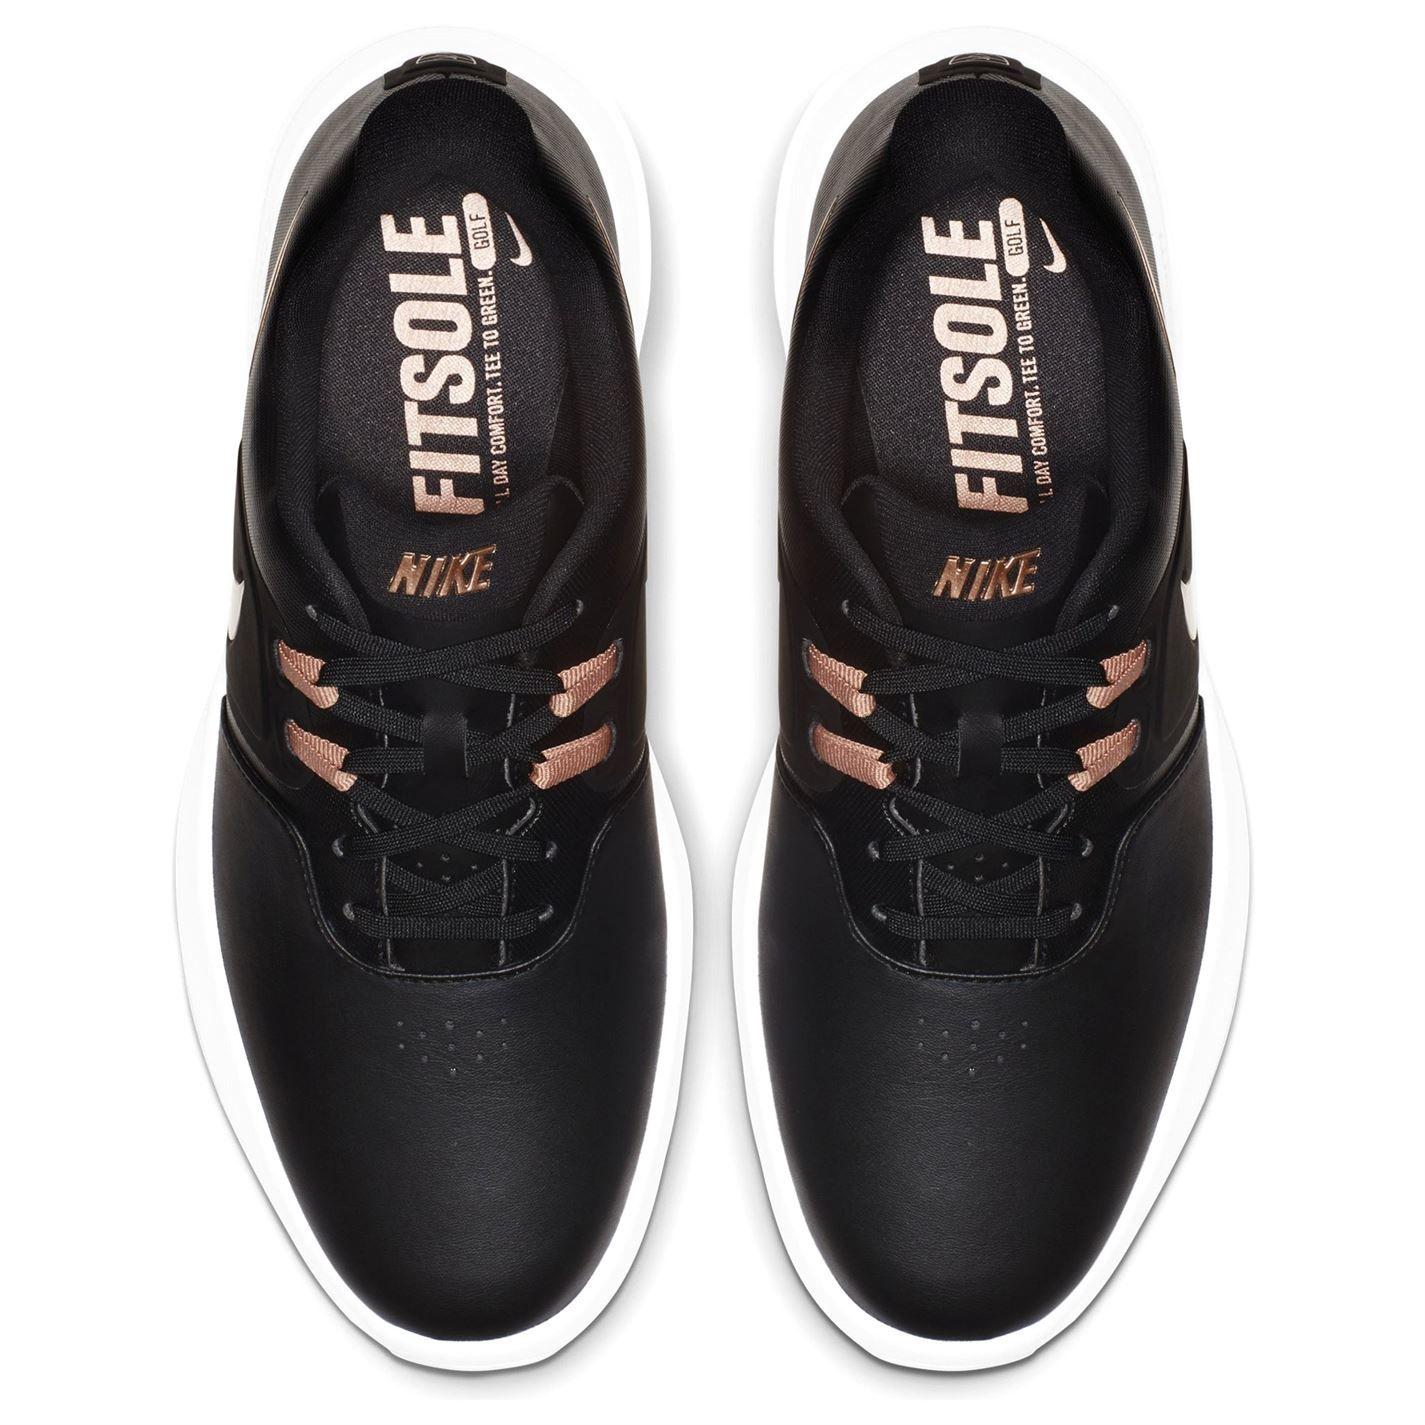 dddc84225b7 Nike Air Zoom Victory Ladies Golf Shoes. Рейтинг: - 10%. Thumbnail 1  Thumbnail 1 Thumbnail 1 Thumbnail 1 Thumbnail 1 Thumbnail 1